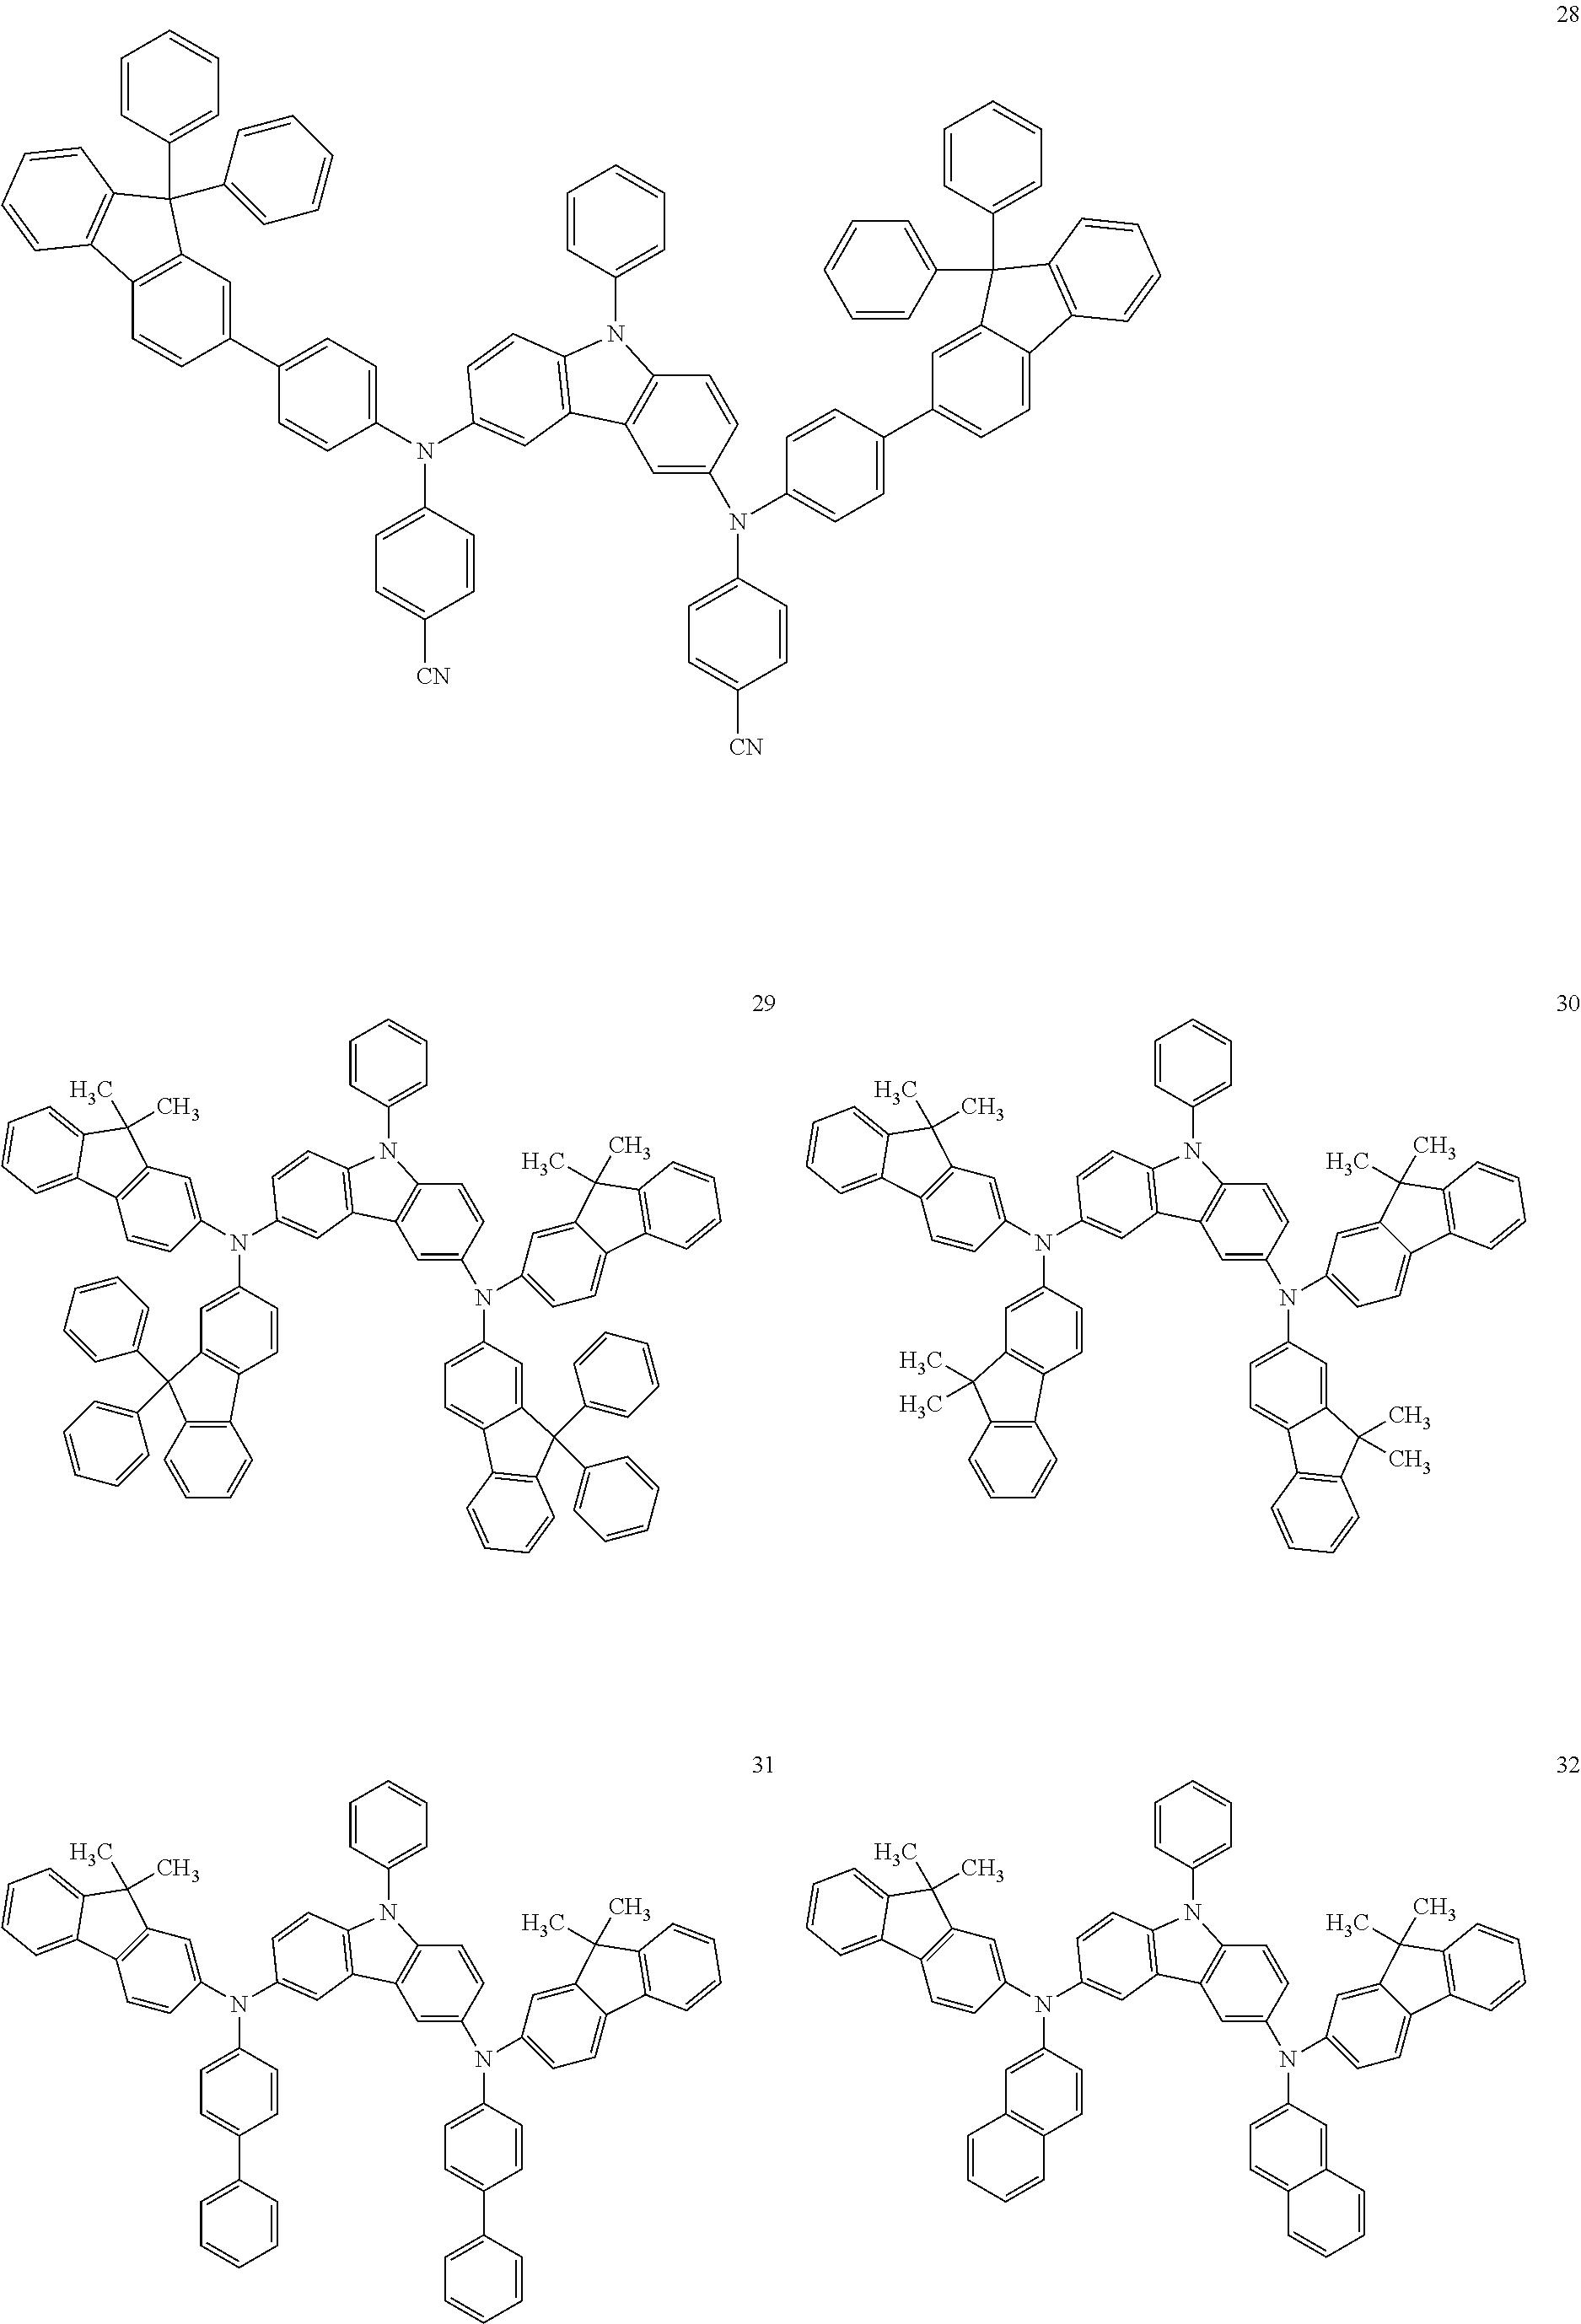 Figure US20110215308A1-20110908-C00011